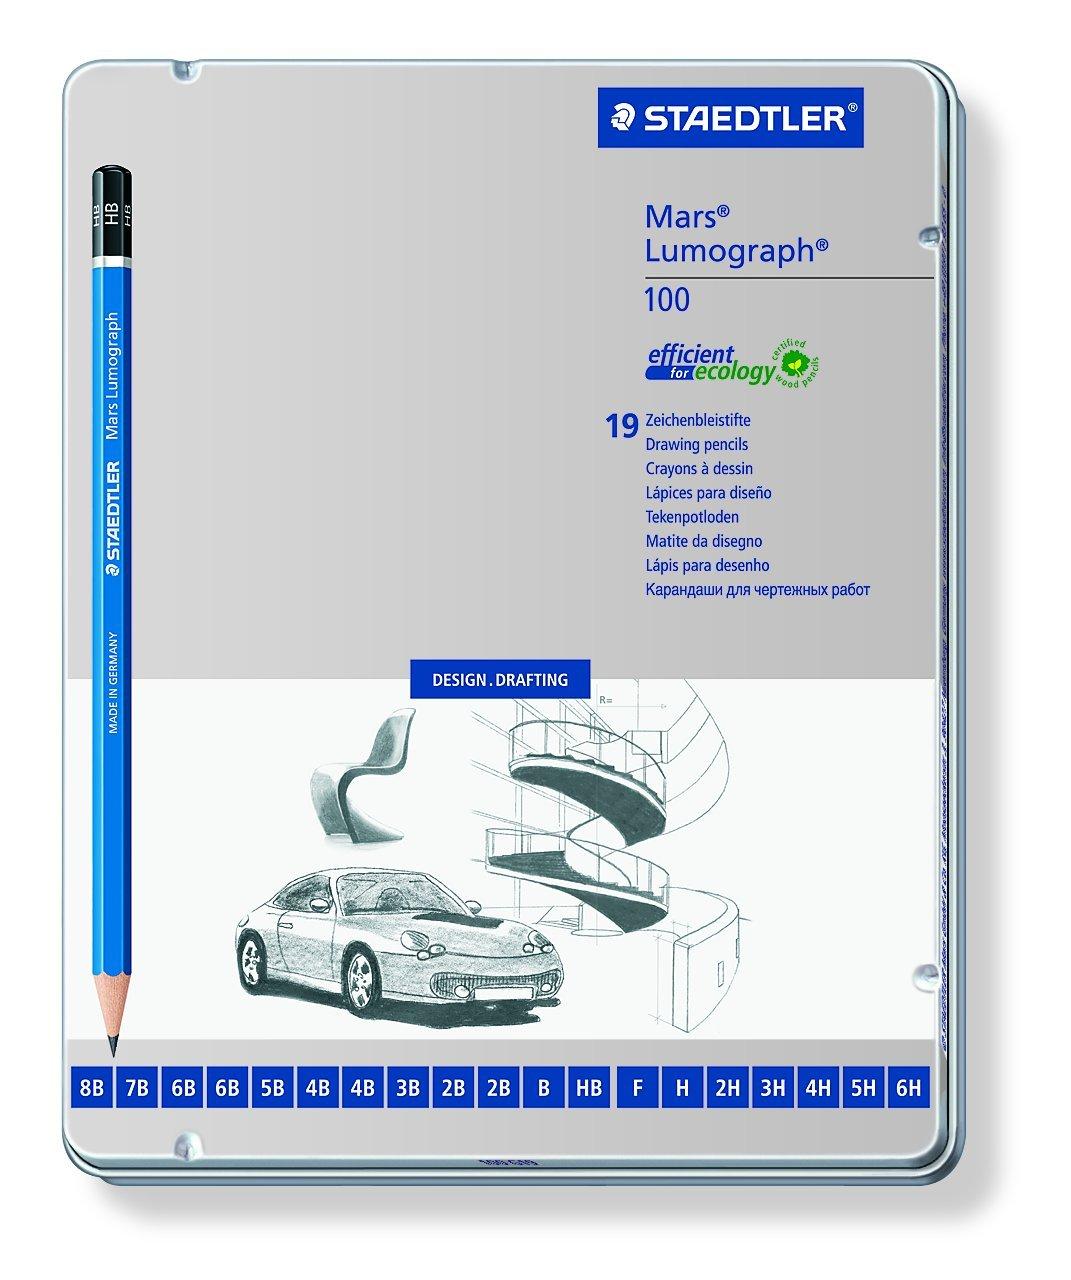 Staedtler 100 G19 Mars Lumograph Bleistift Premium Qualität 19 Stück sortiert in Metalletui